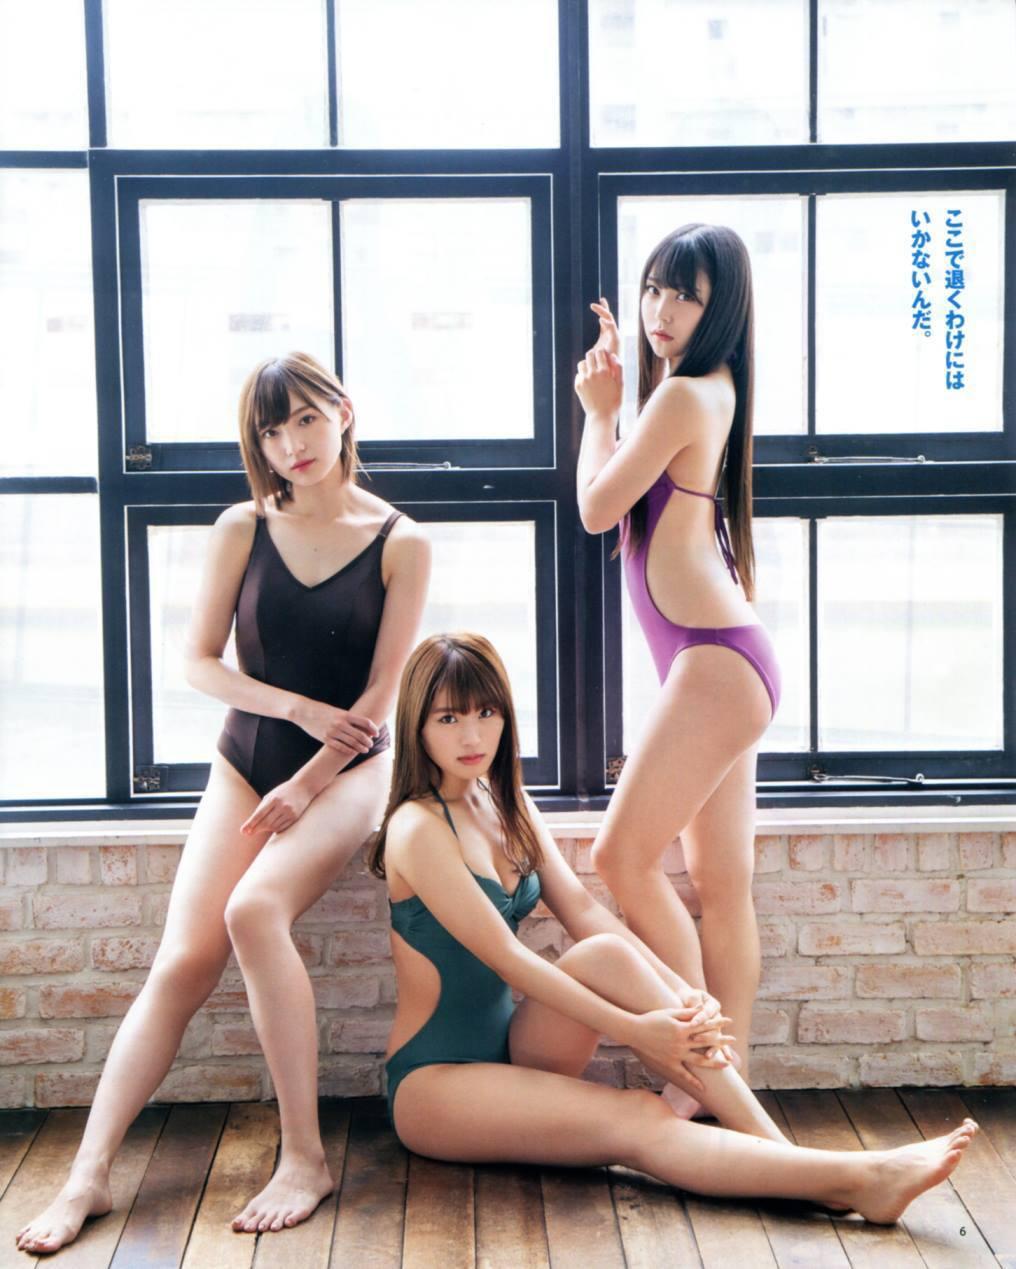 三次元 3次元 セクシー画像 グラビア 複数女性 べっぴん娘通信 32